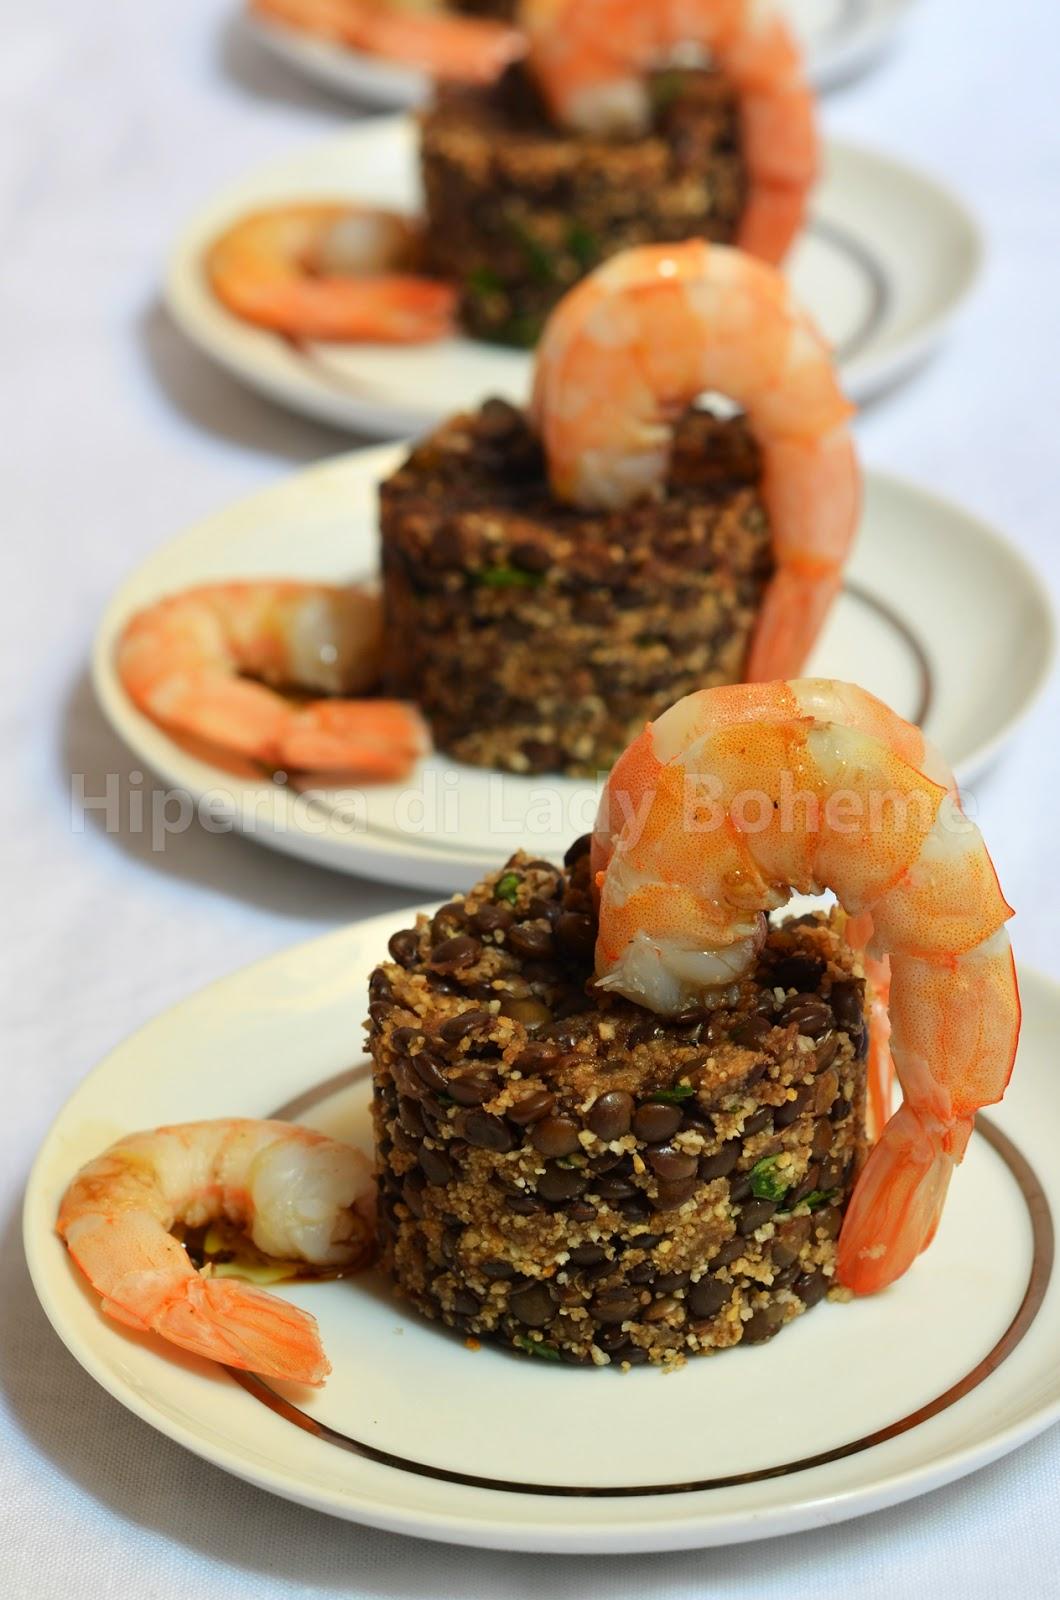 hiperica_lady_boheme_blog_cucina_ricette_gustose_facili_veloci_antipasto_con_code_di_gamberi_e_lenticchie_nere_2